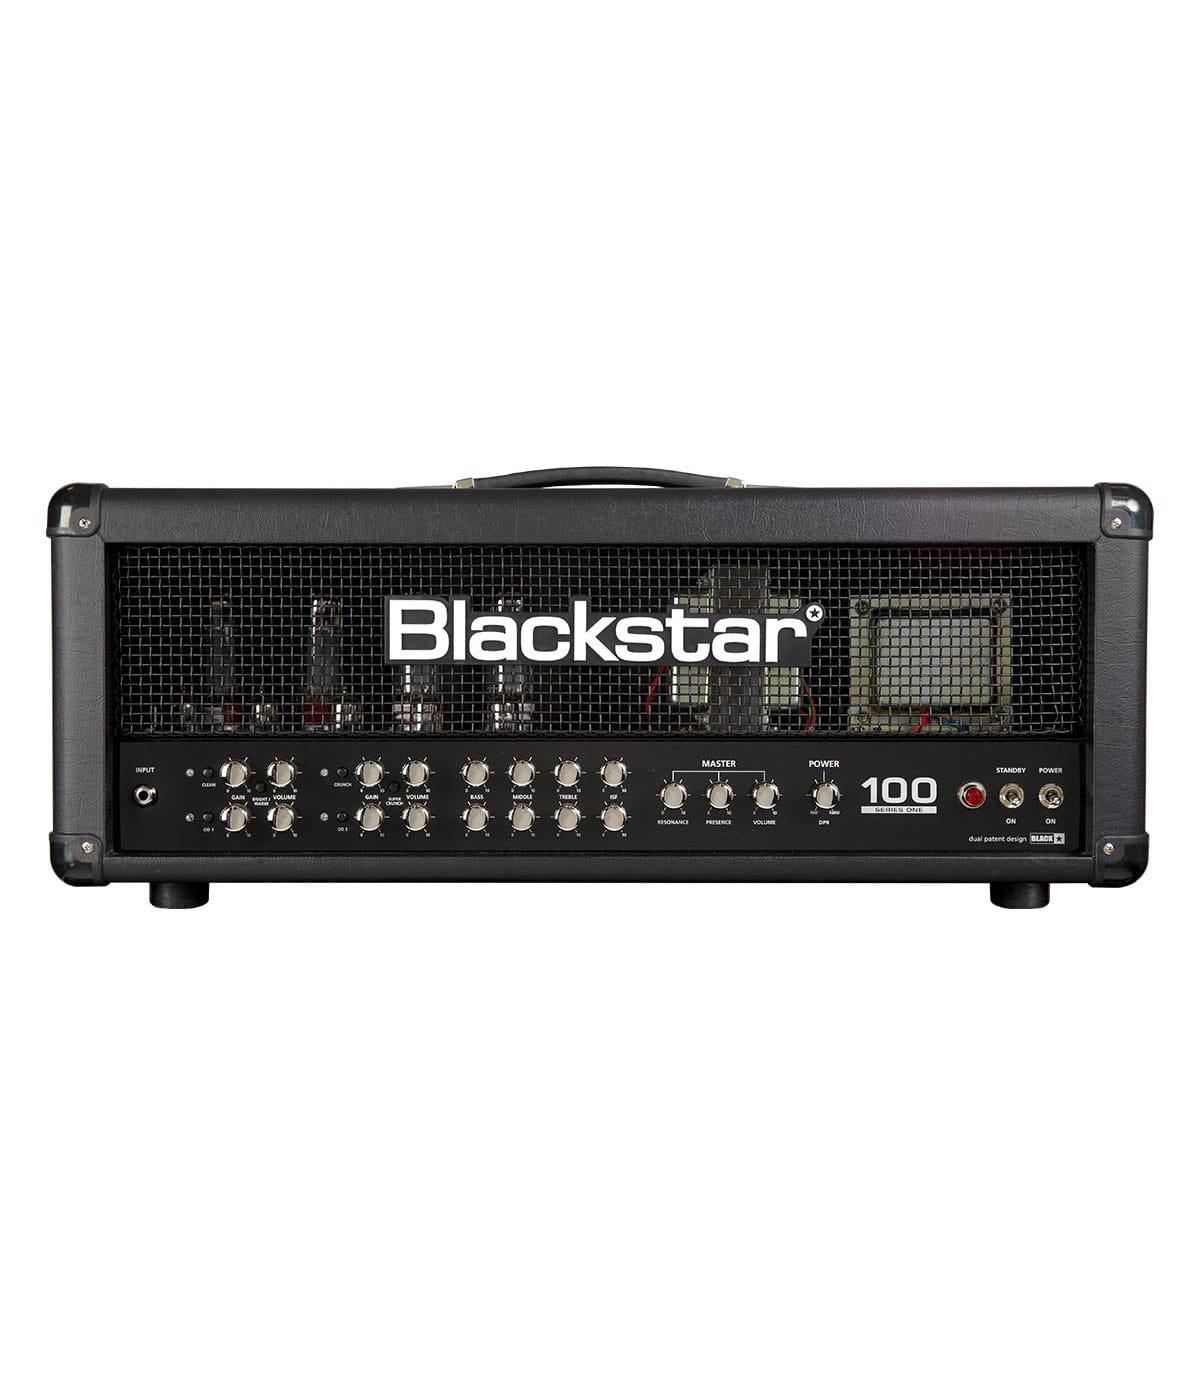 buy blackstar s1 104el34 100w el34 valve head 4 channel